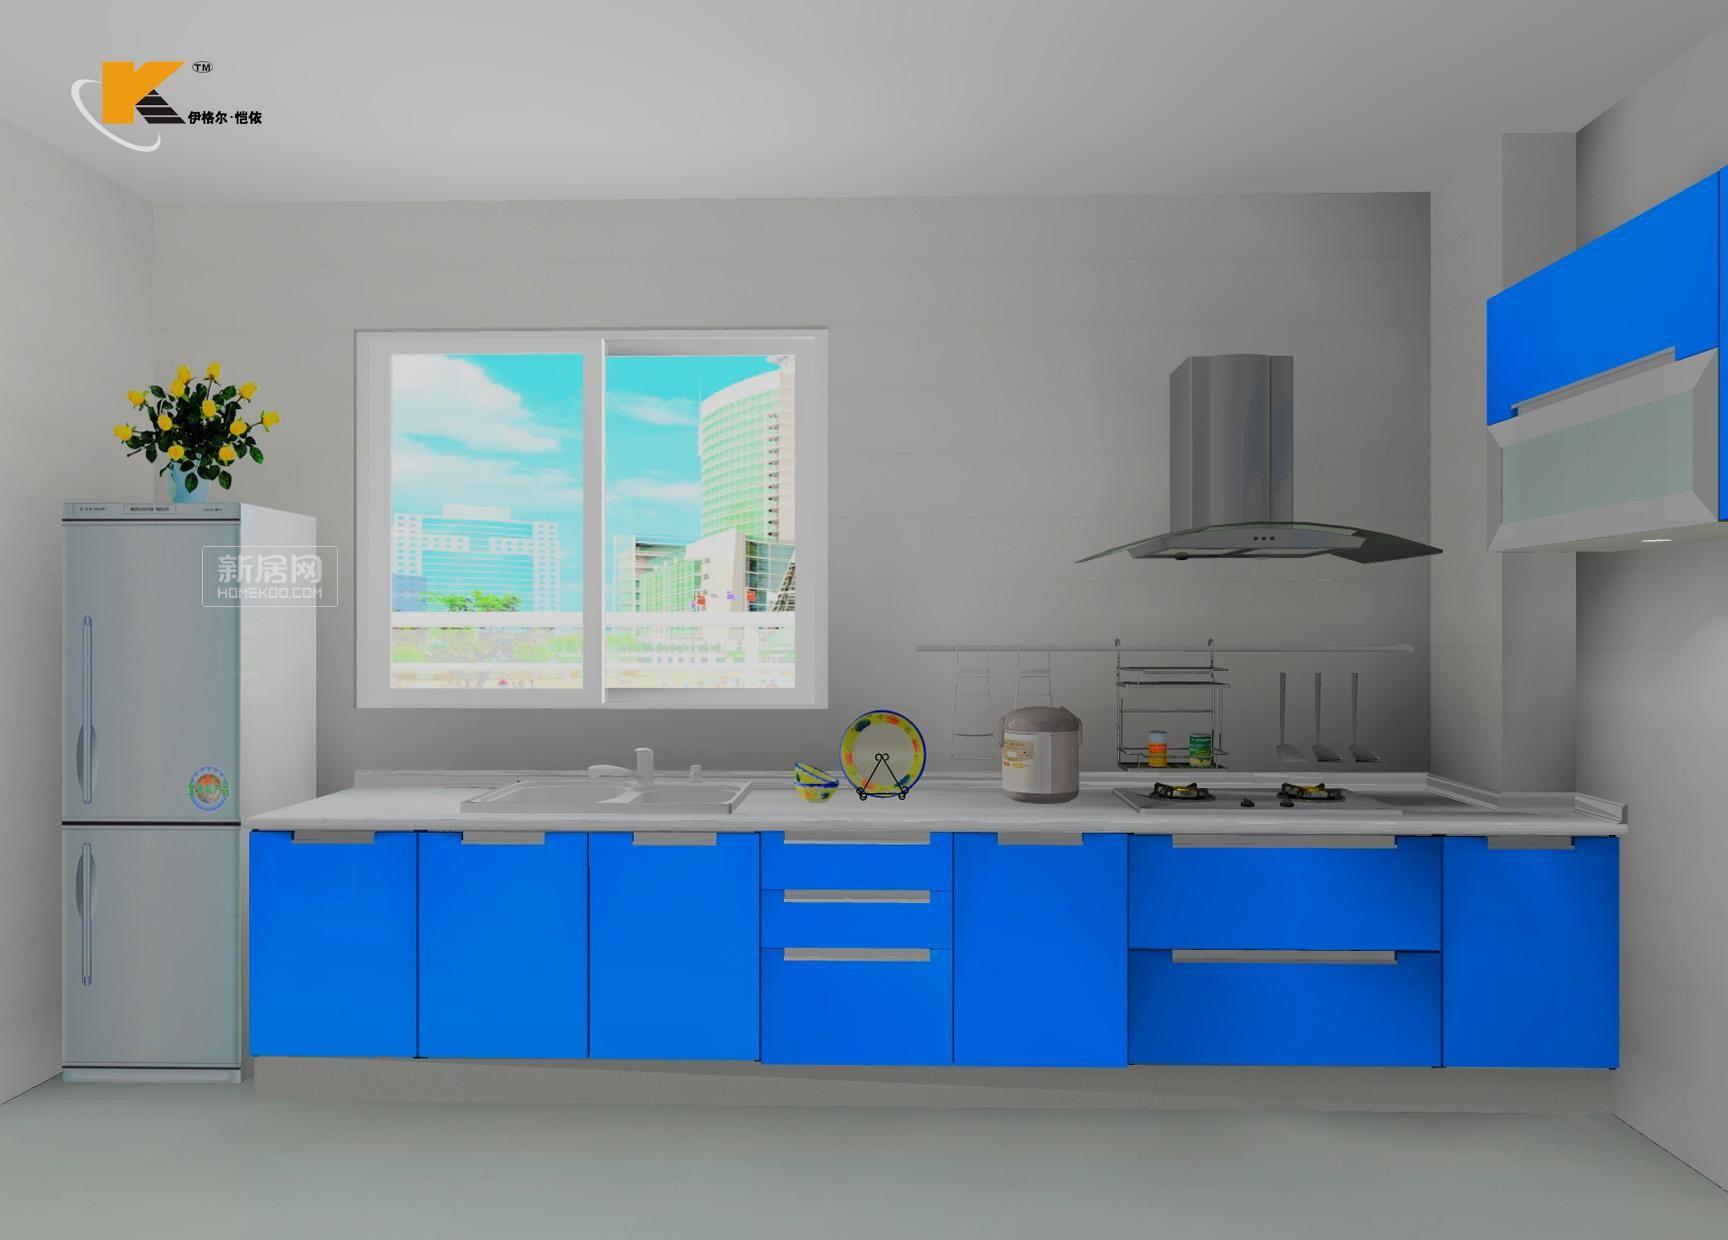 蓝蓝的天12_厨房装修_厨房装饰